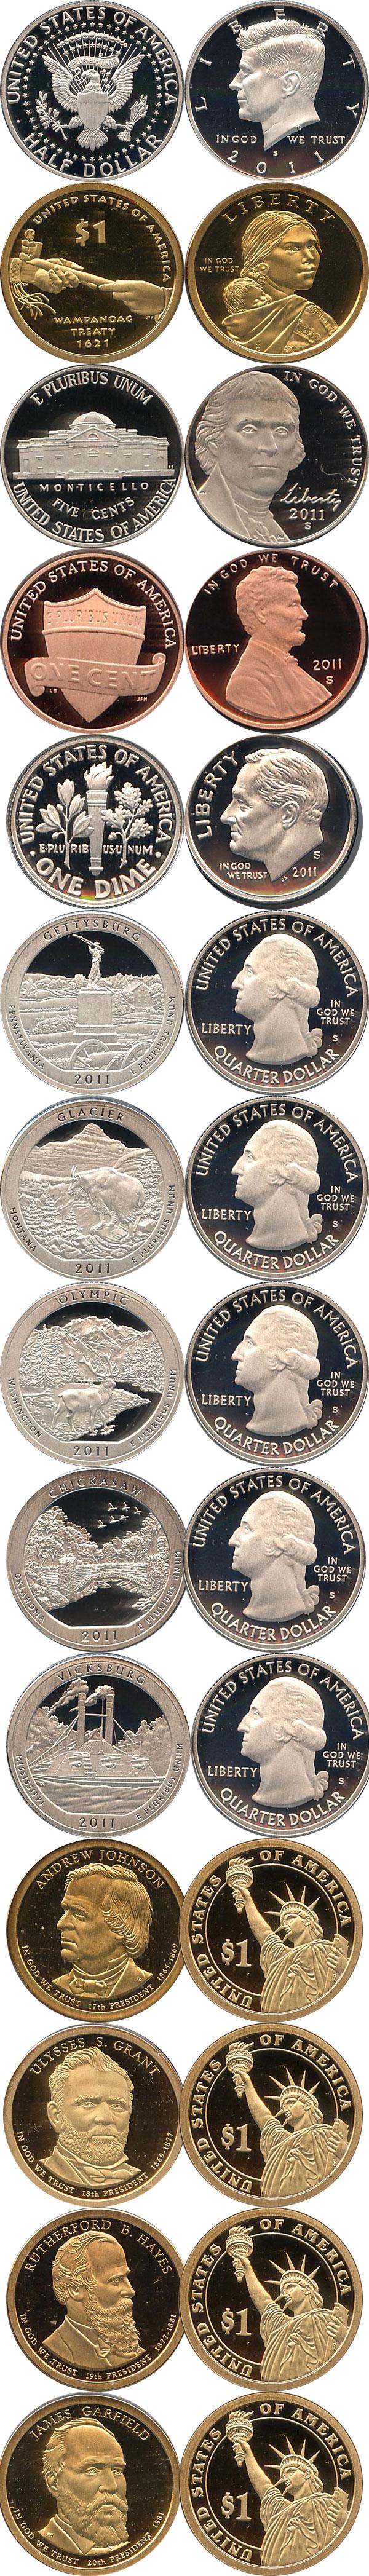 Картинка Подарочные наборы США Пруф-сет 2011 года  2011